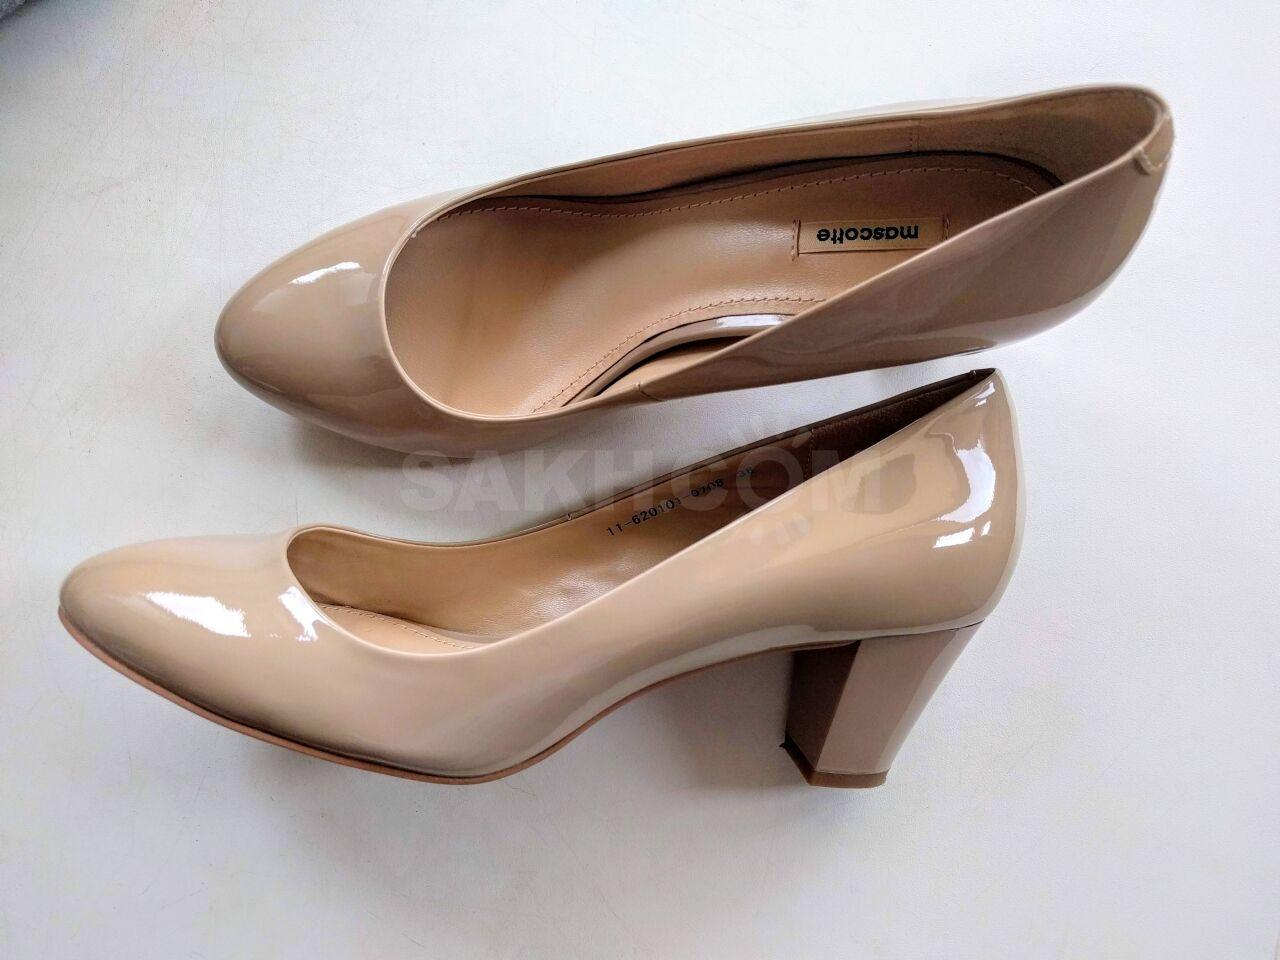 Продам новые туфли Mascotte - 3500 руб. Одежда, обувь и аксессуары ... e5215857a60